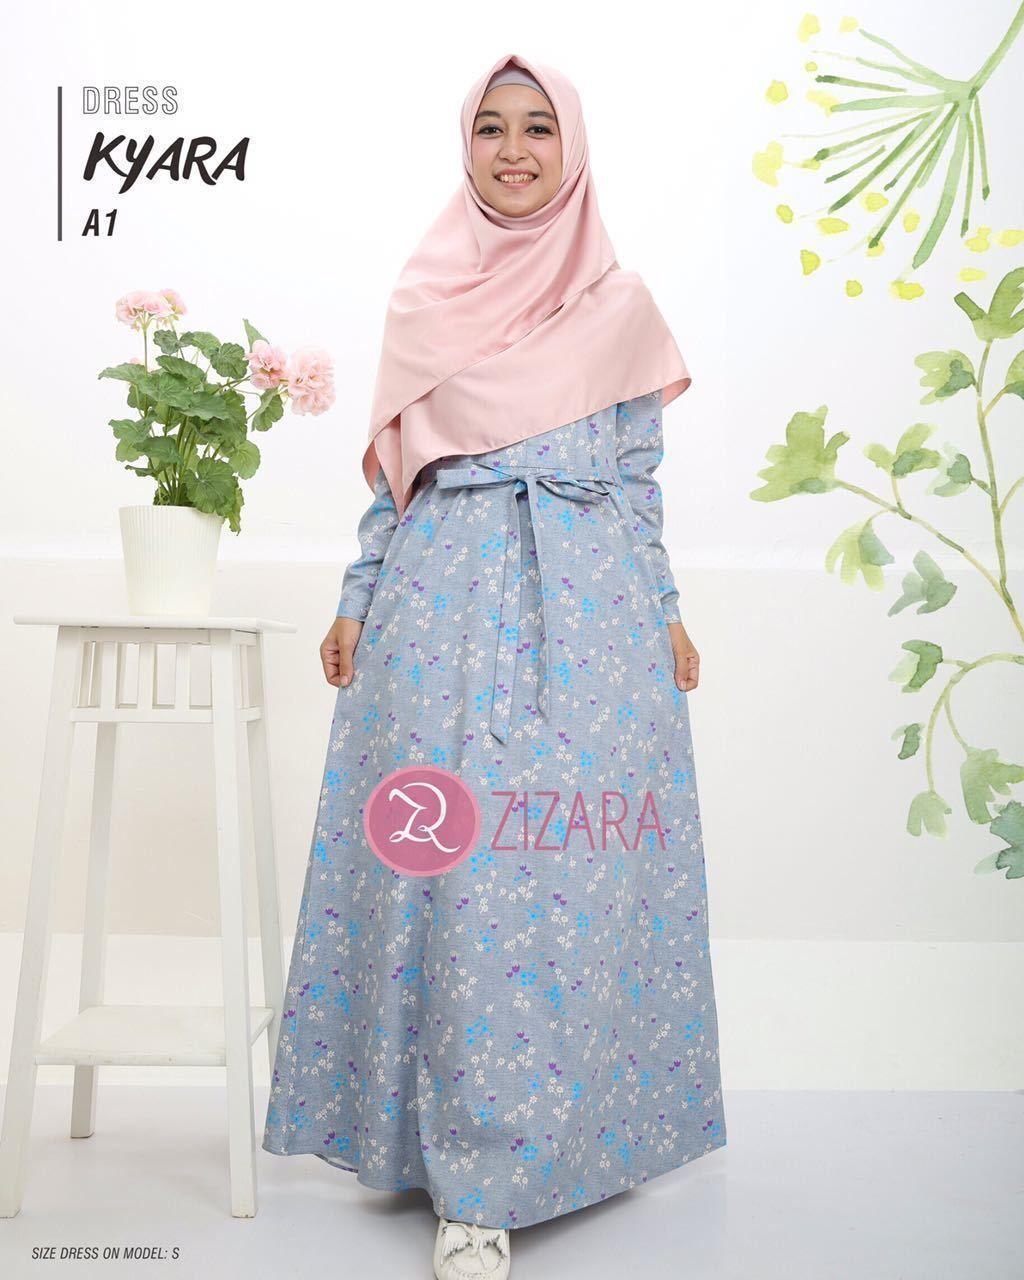 Gamis Zizara Kyara Dress seri A1 - baju muslimah busana muslim Kini hadir  untukmu yang cantik 32645c263f